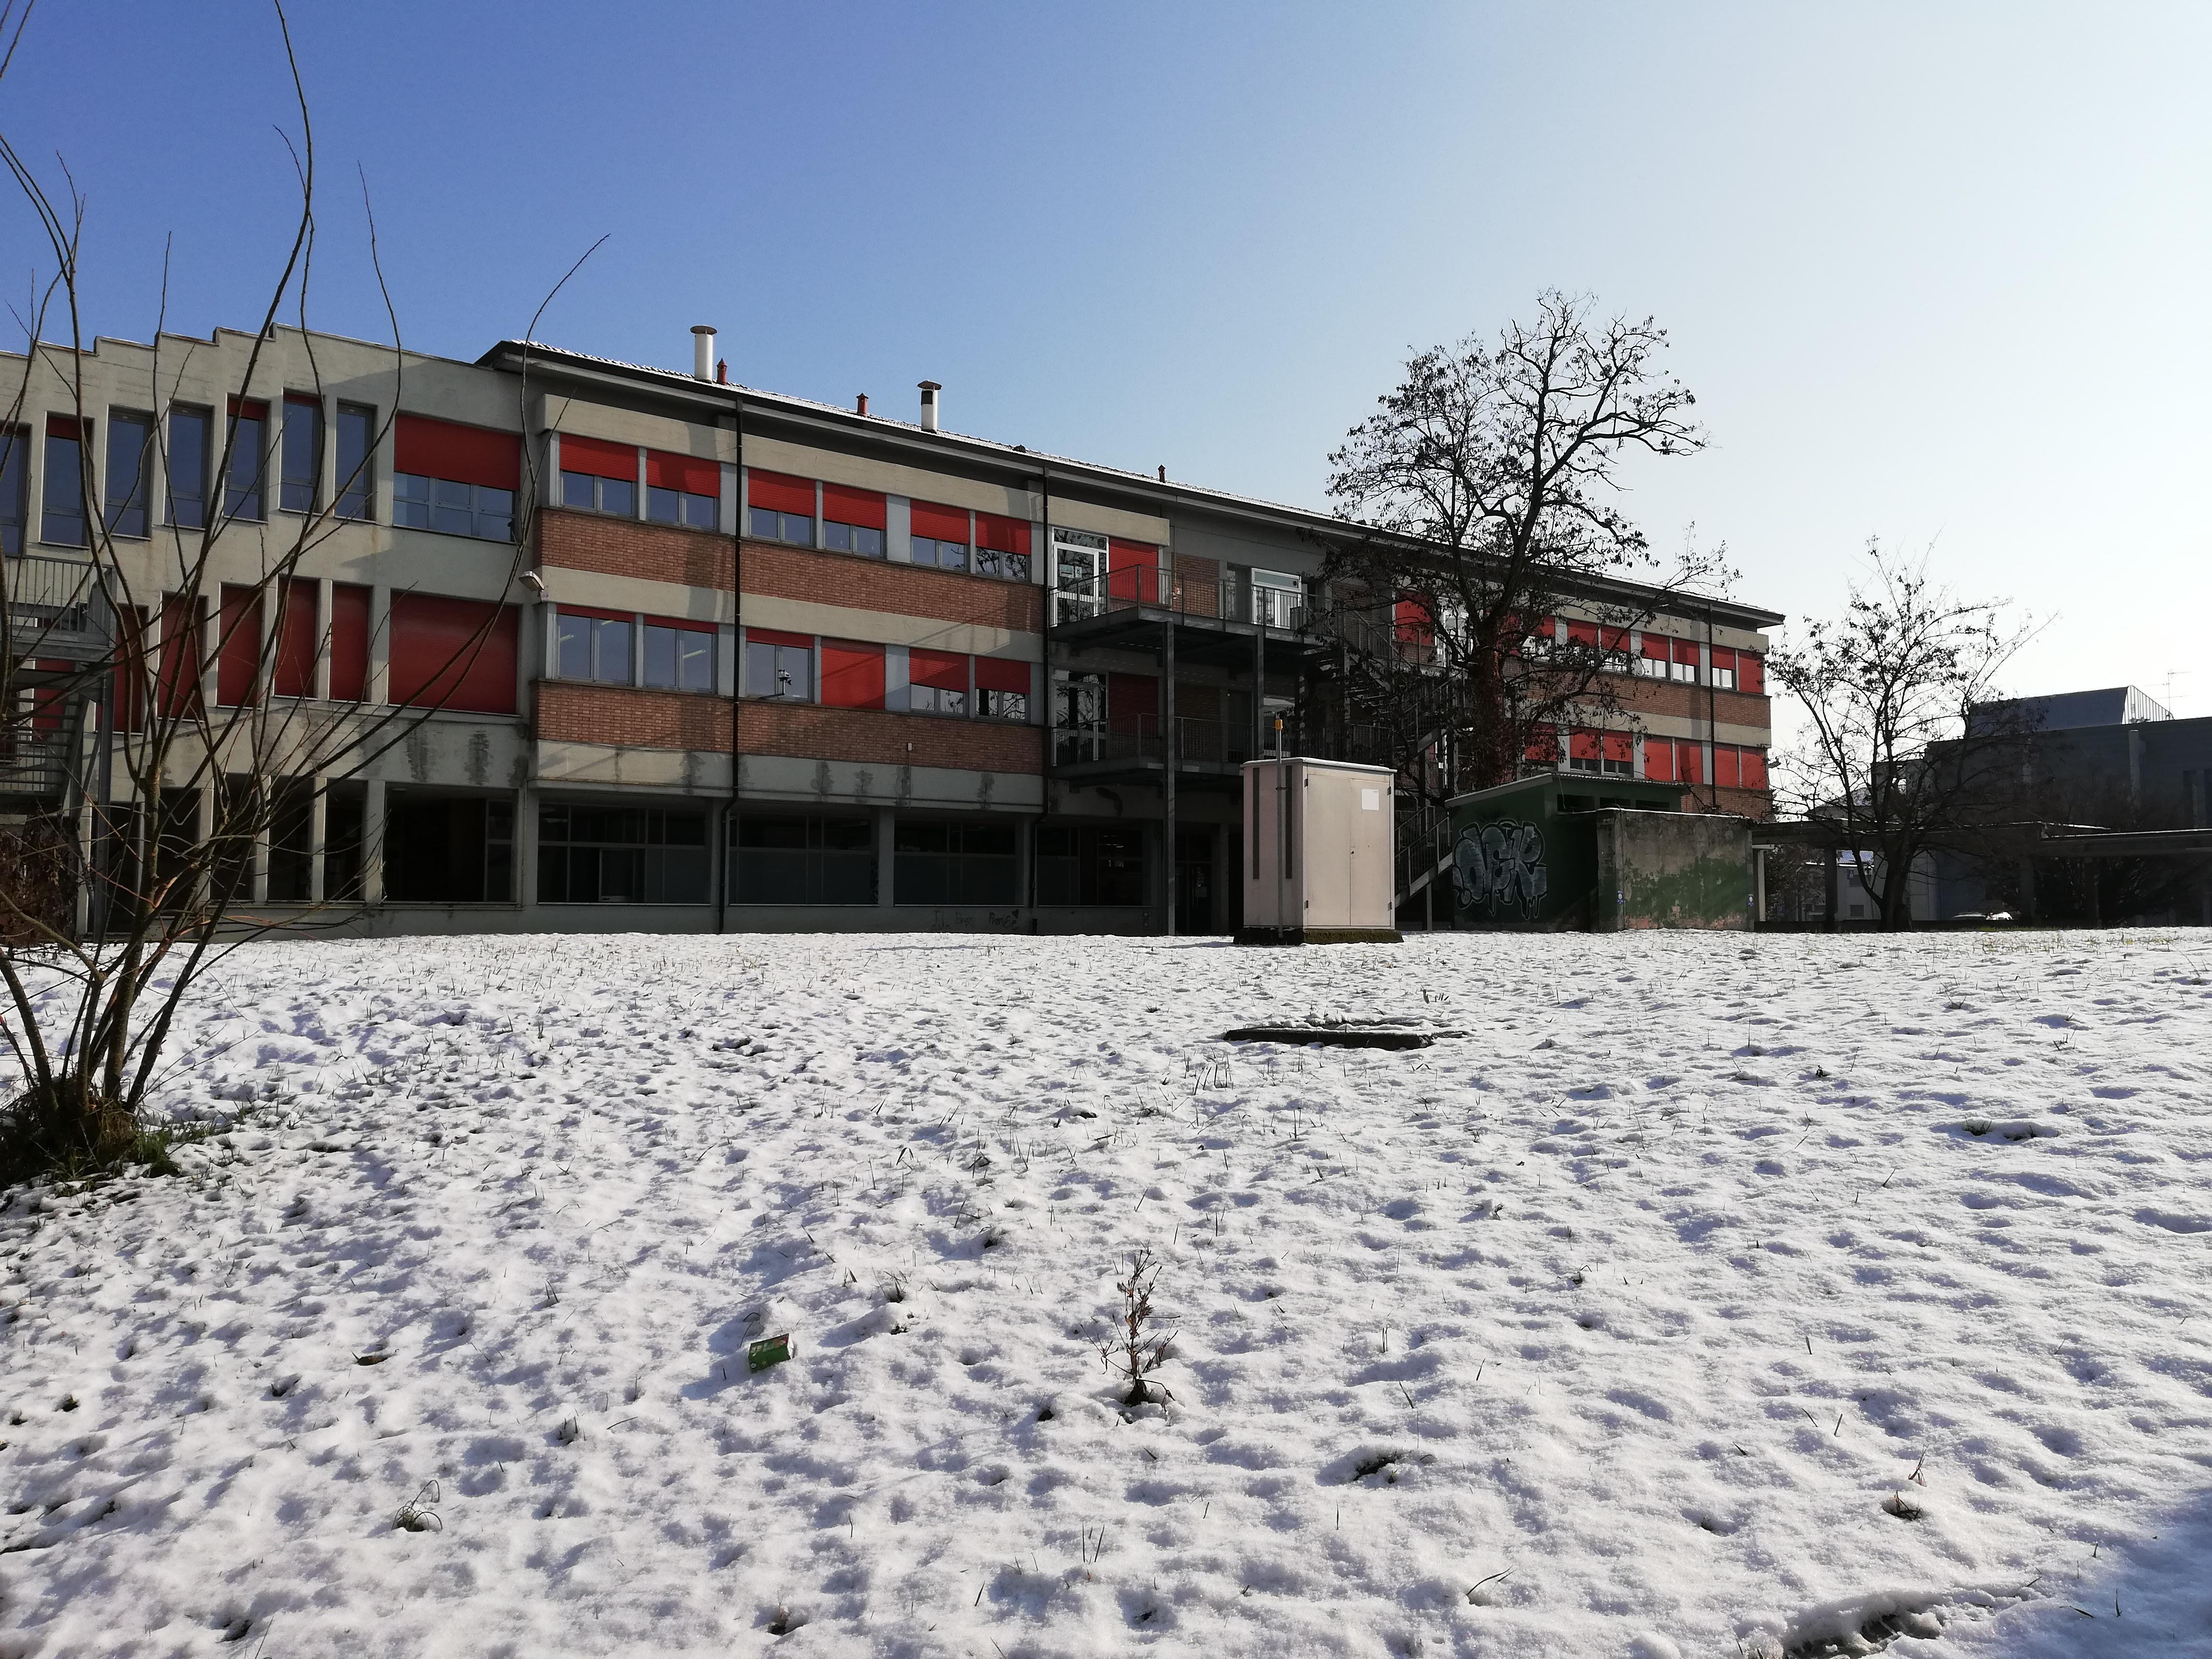 La *neve* e i suoi benefici